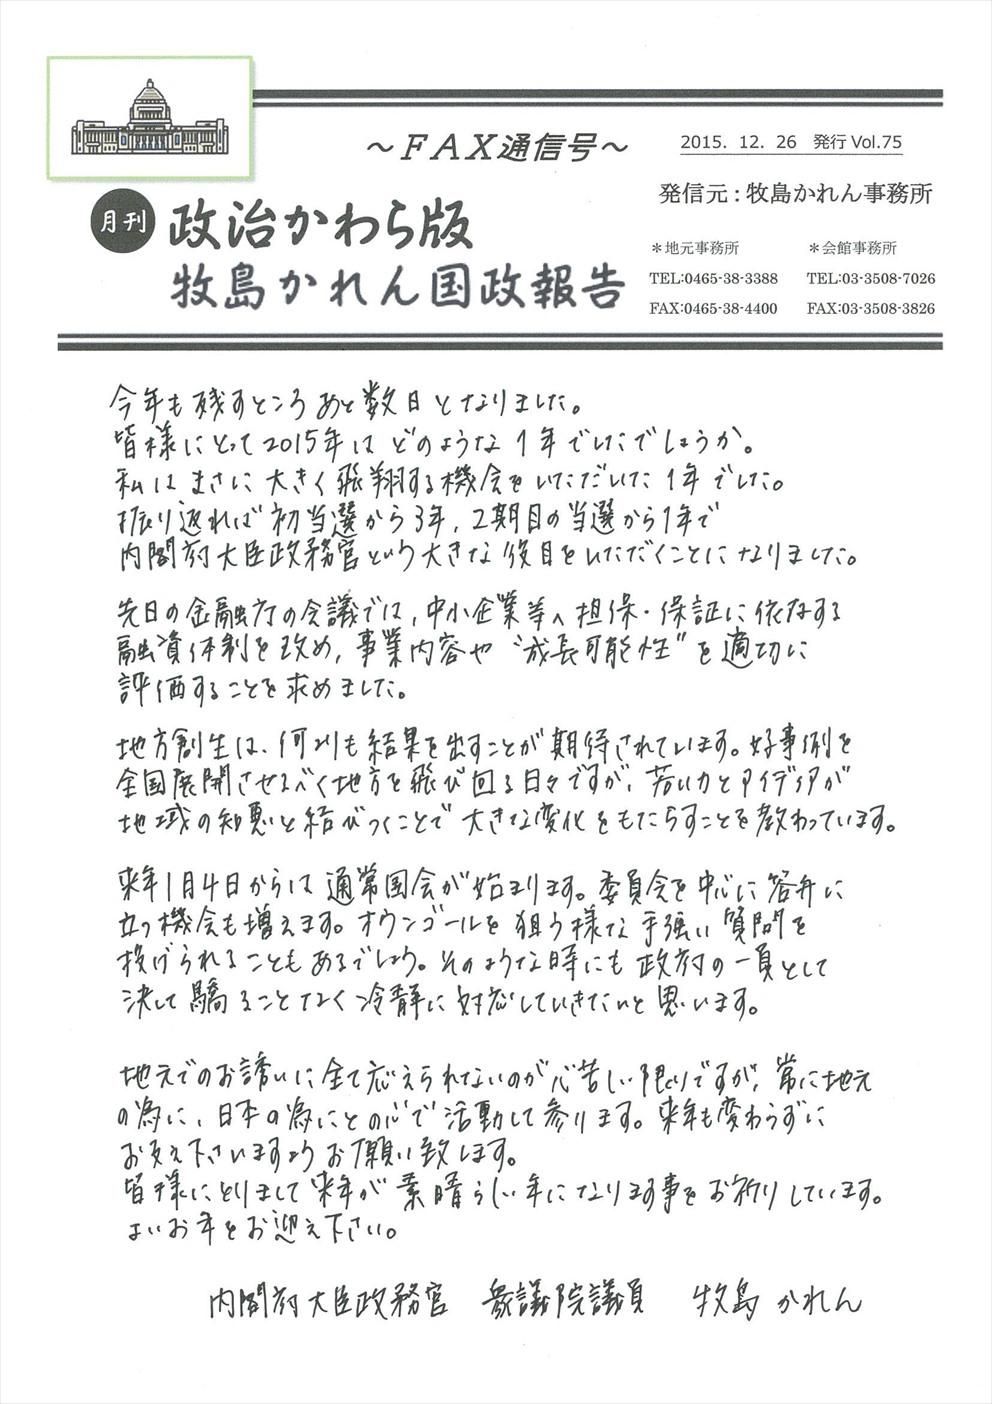 牧島かれん 政治かわら版12月号 Vol.75